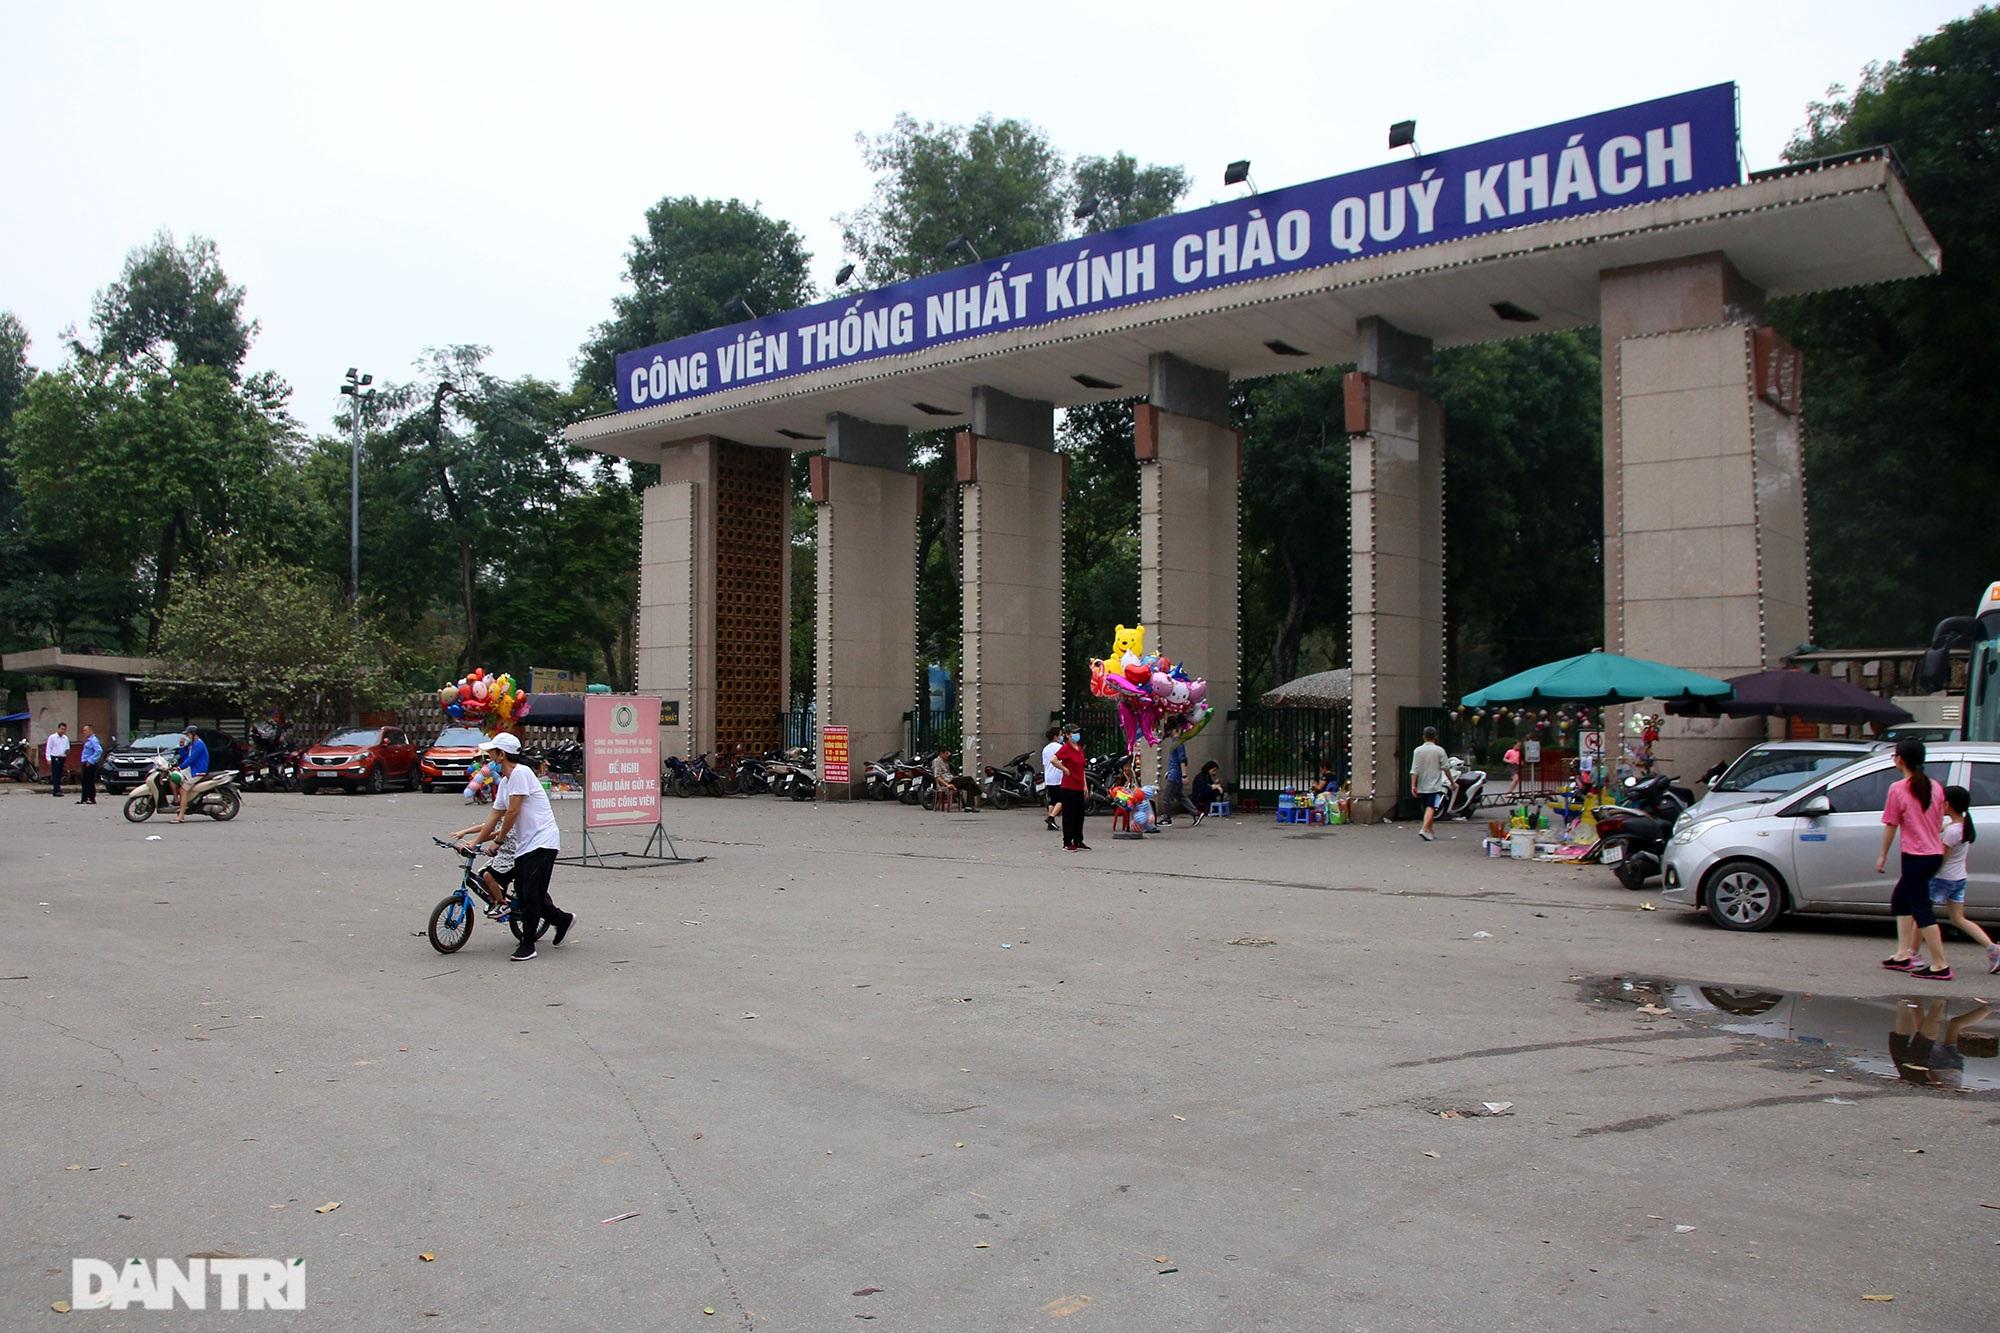 Những điều ít biết về Công viên rộng lớn nhất Hà Nội sắp tròn 60 năm tuổi - 1